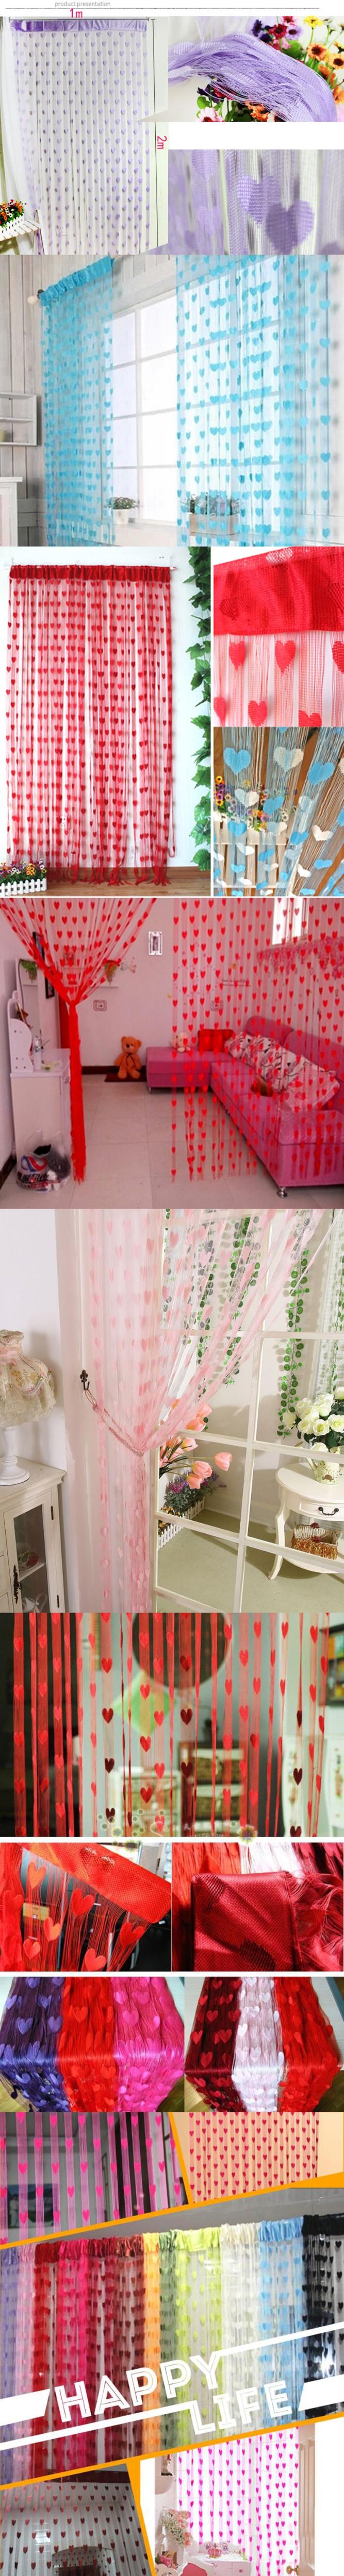 The Screen Cloth Art Is Clever Heart Shape Tassel Drape Room Window